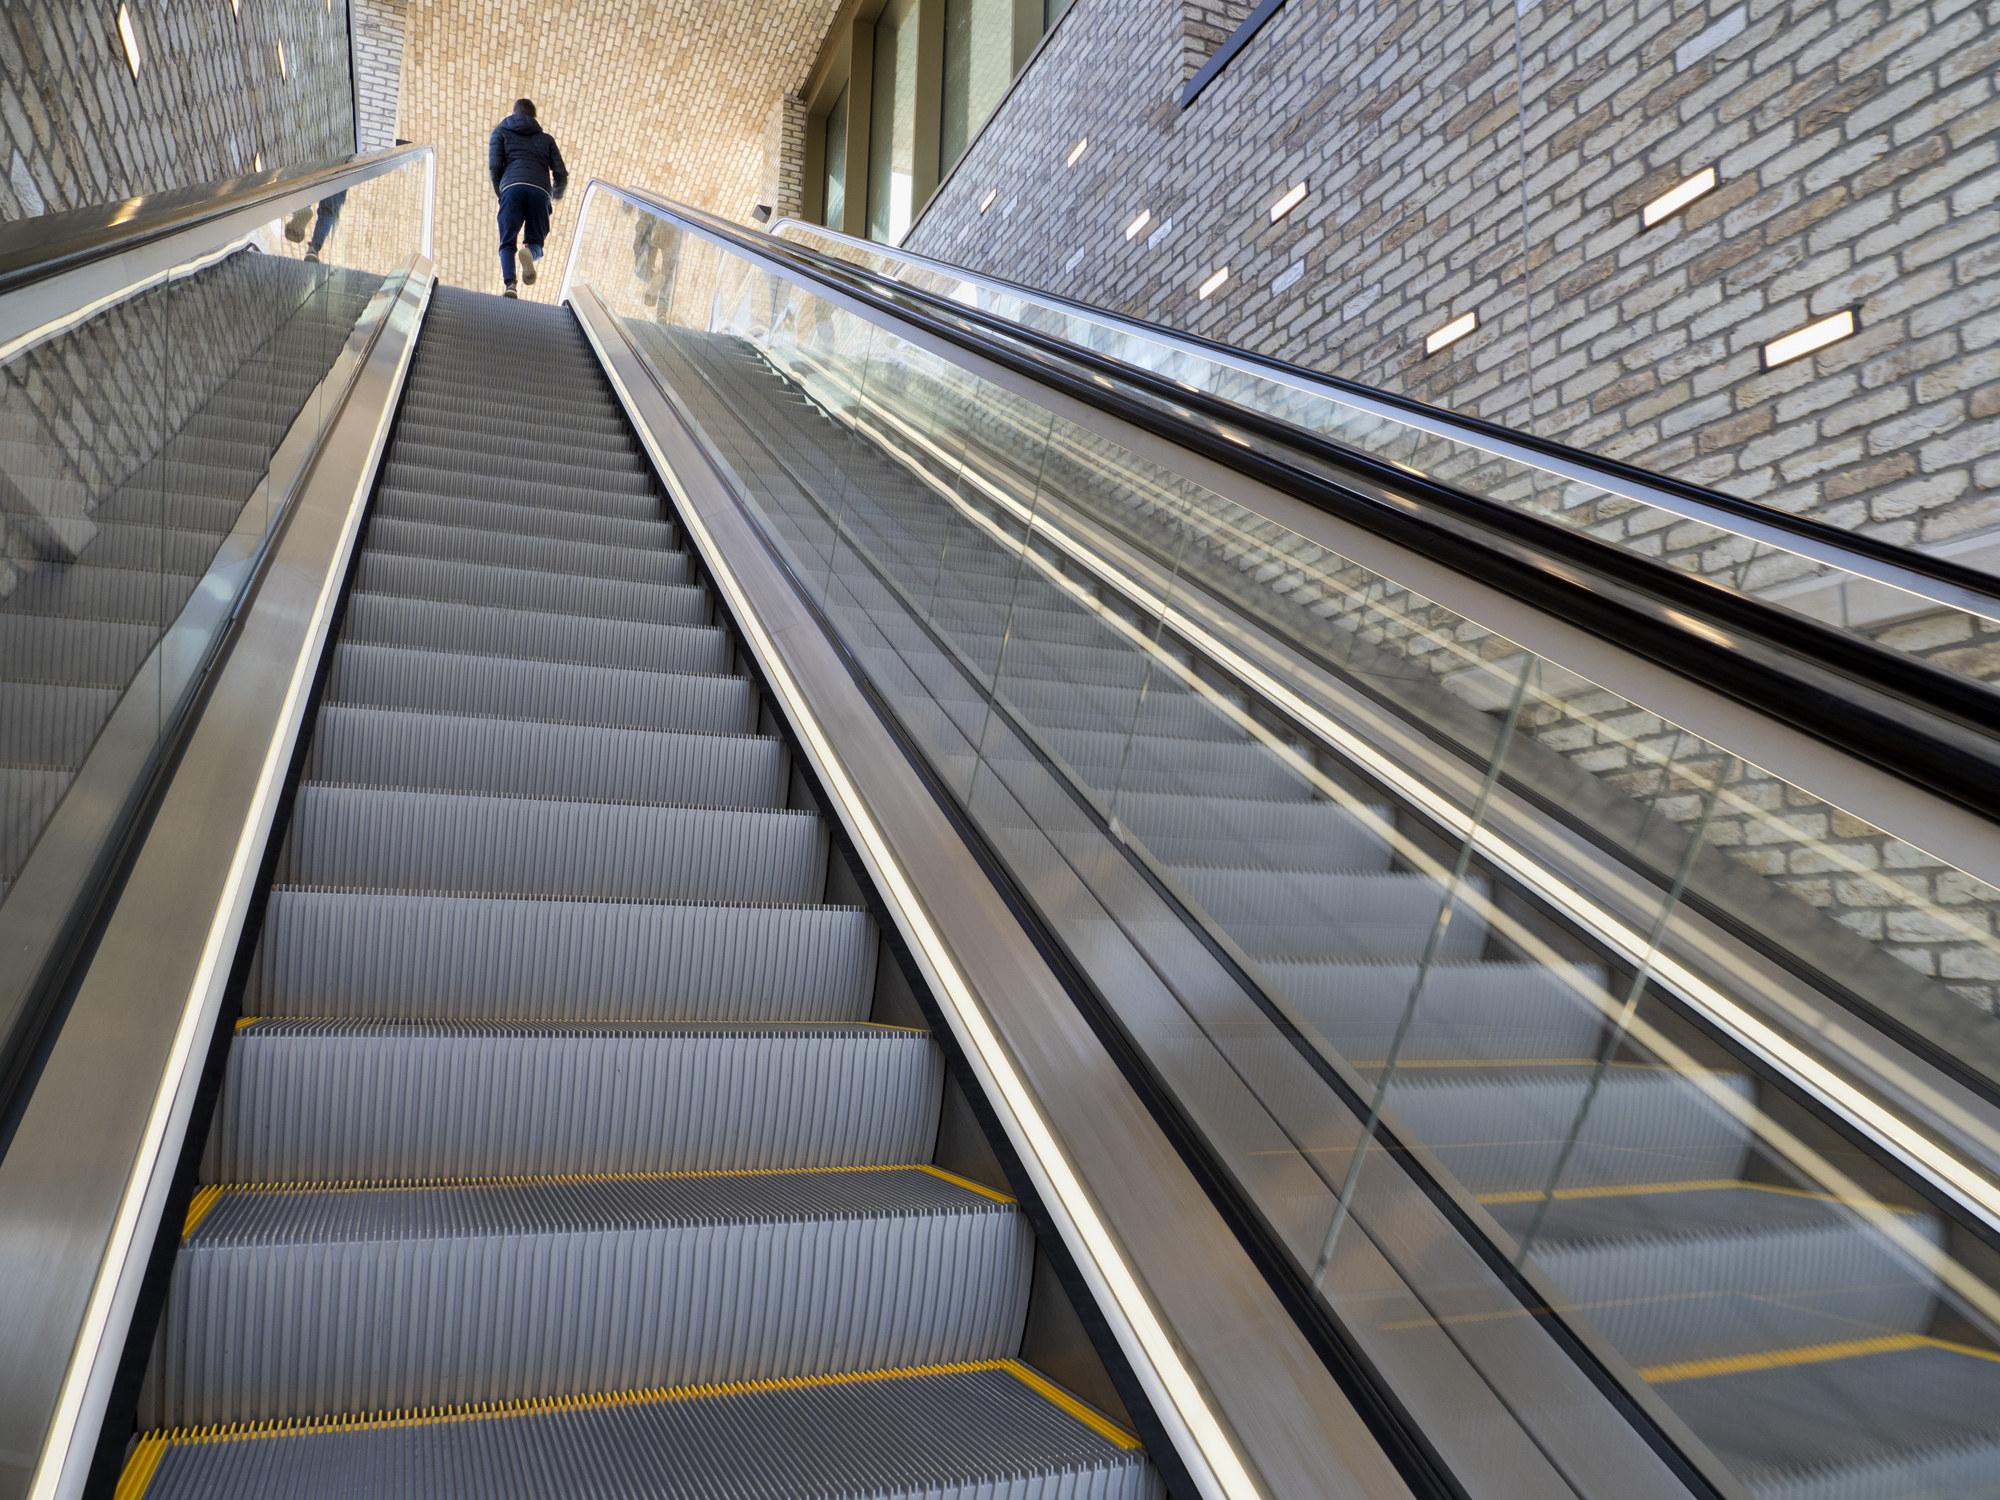 An escalator in a shopping center